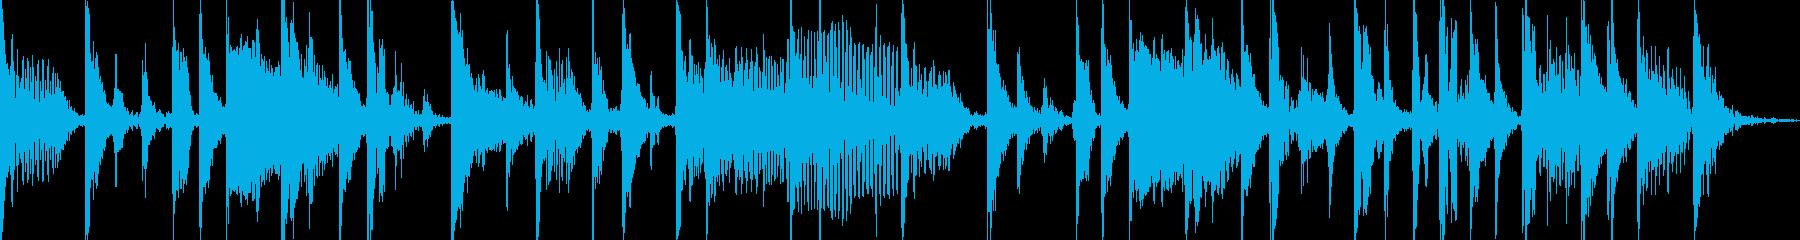 クールなベーススラップのジングル1の再生済みの波形